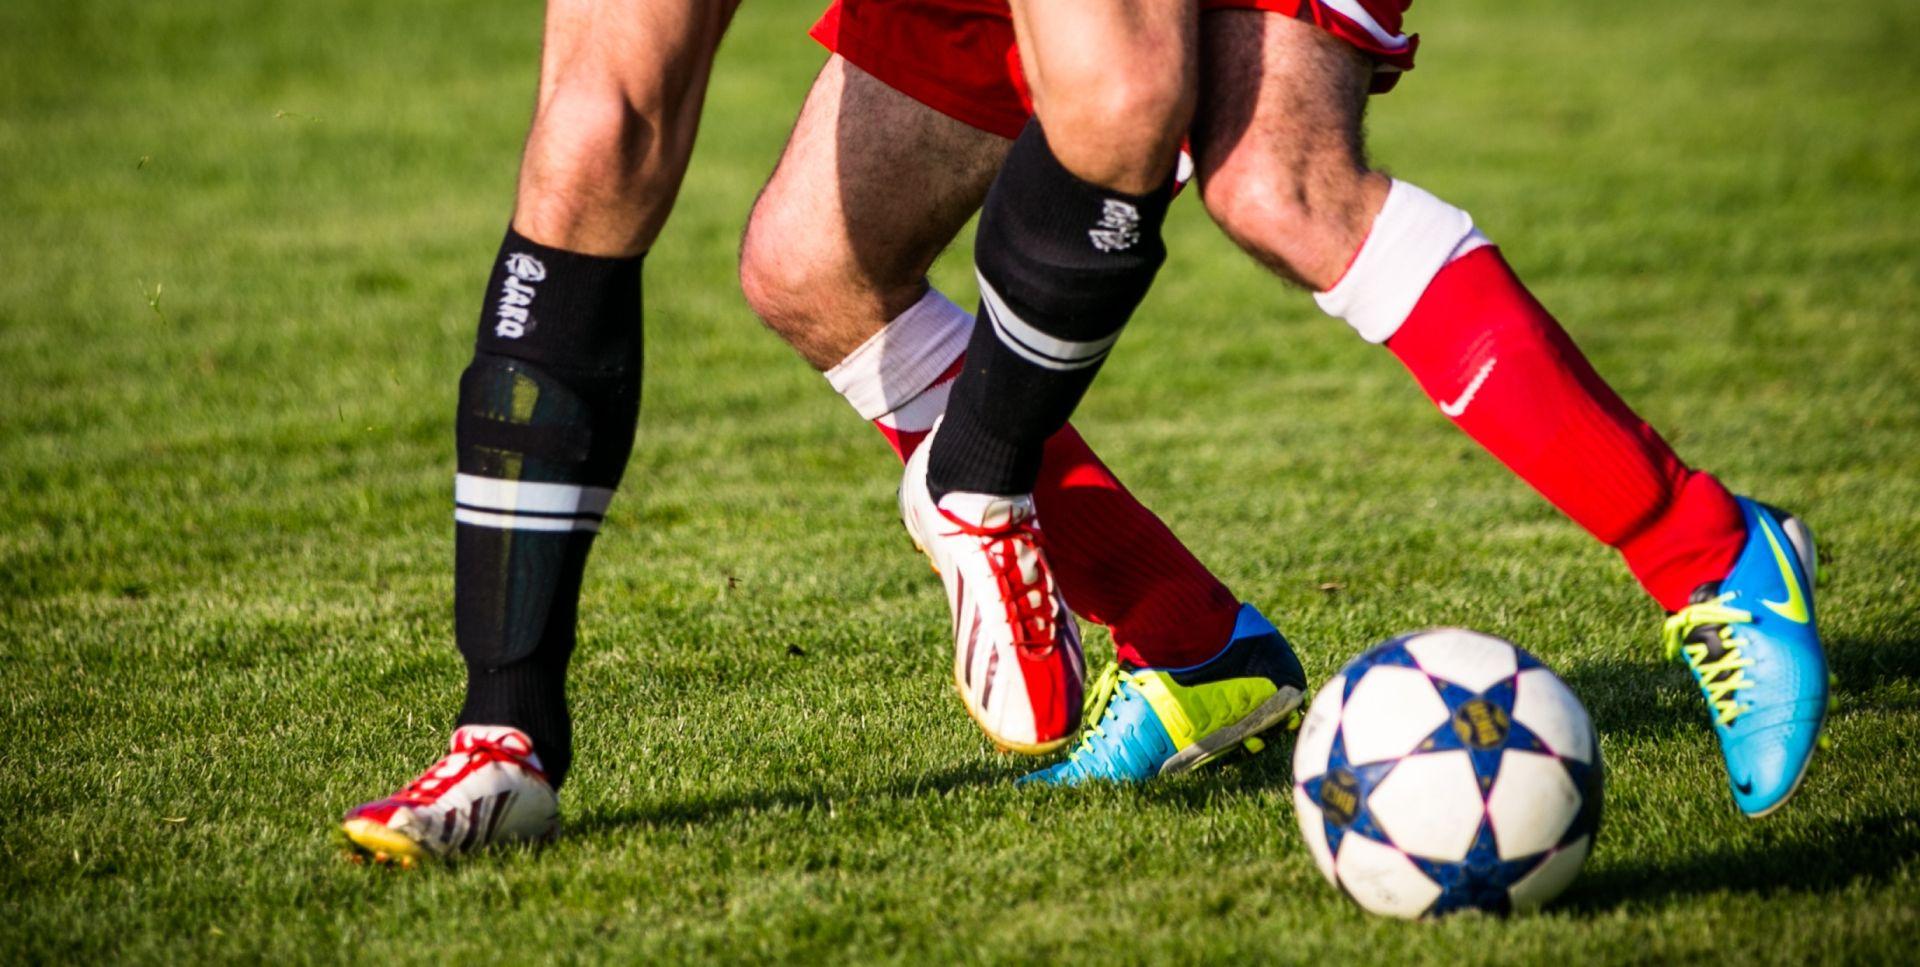 VELIKI SKANDAL Policija istražuje 4 kluba iz Premierlige zbog navoda o zlostavljanju